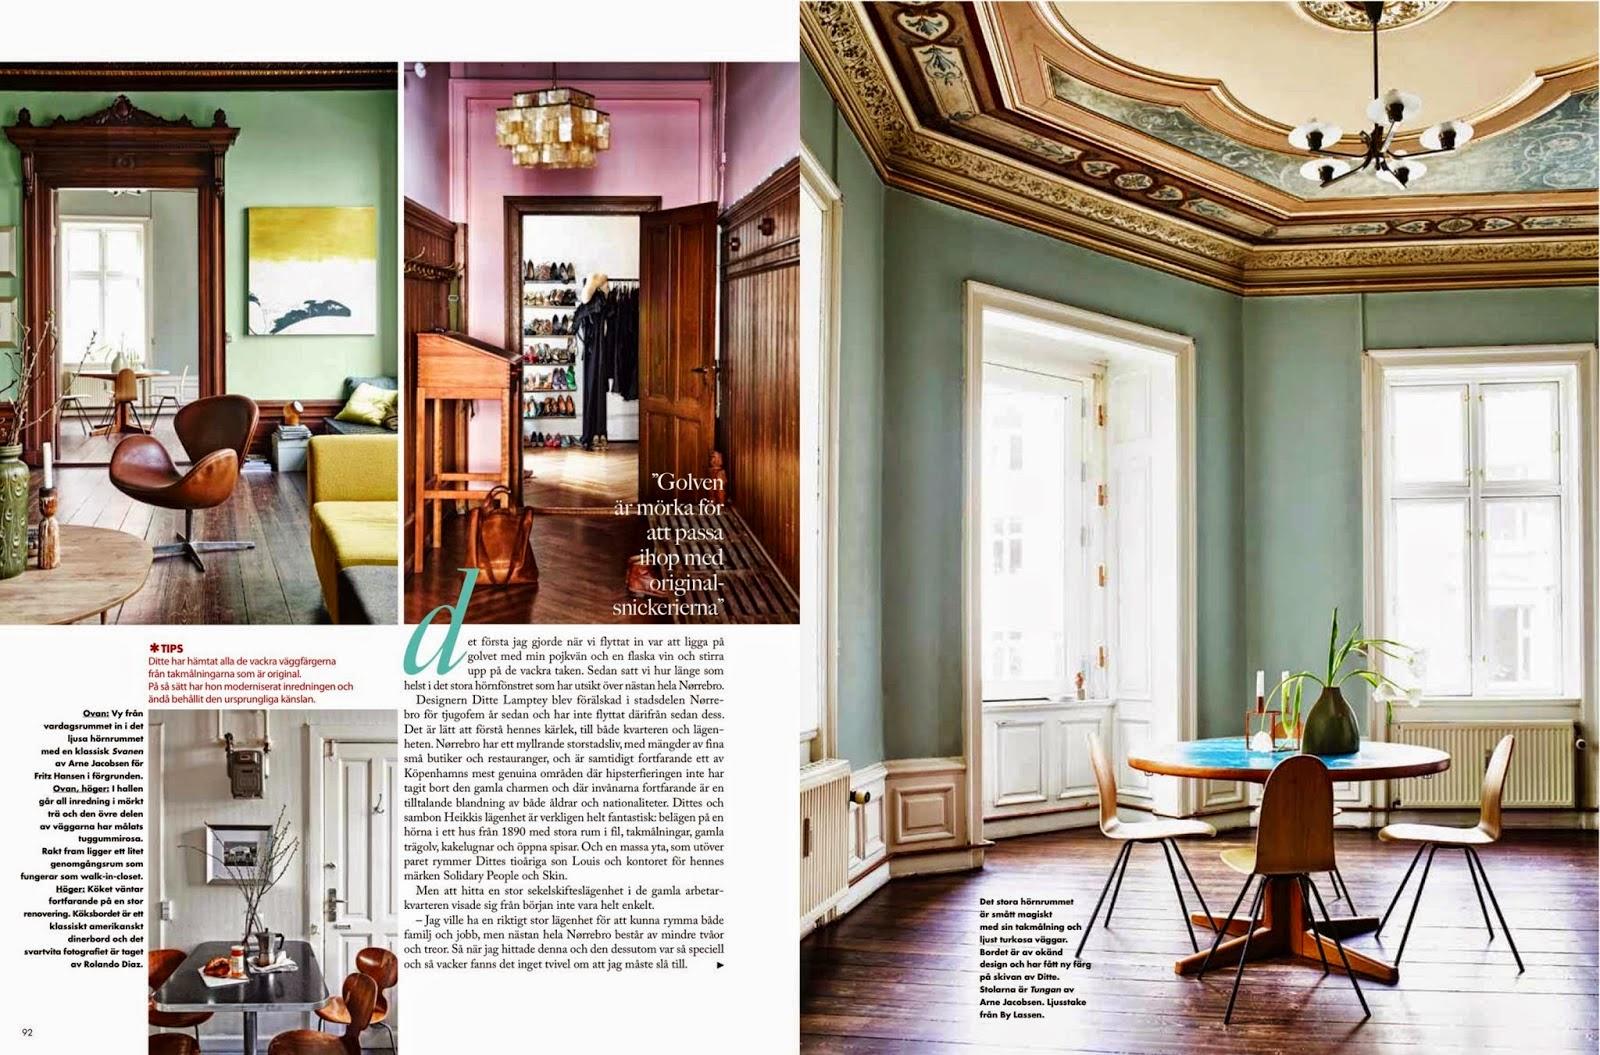 Skandinavisches Design peppt gründerzeitliche Wohnung auf – Farbe plus Designklassiker von Arne Jacobsen, Verner Panton und Poul Henningsen